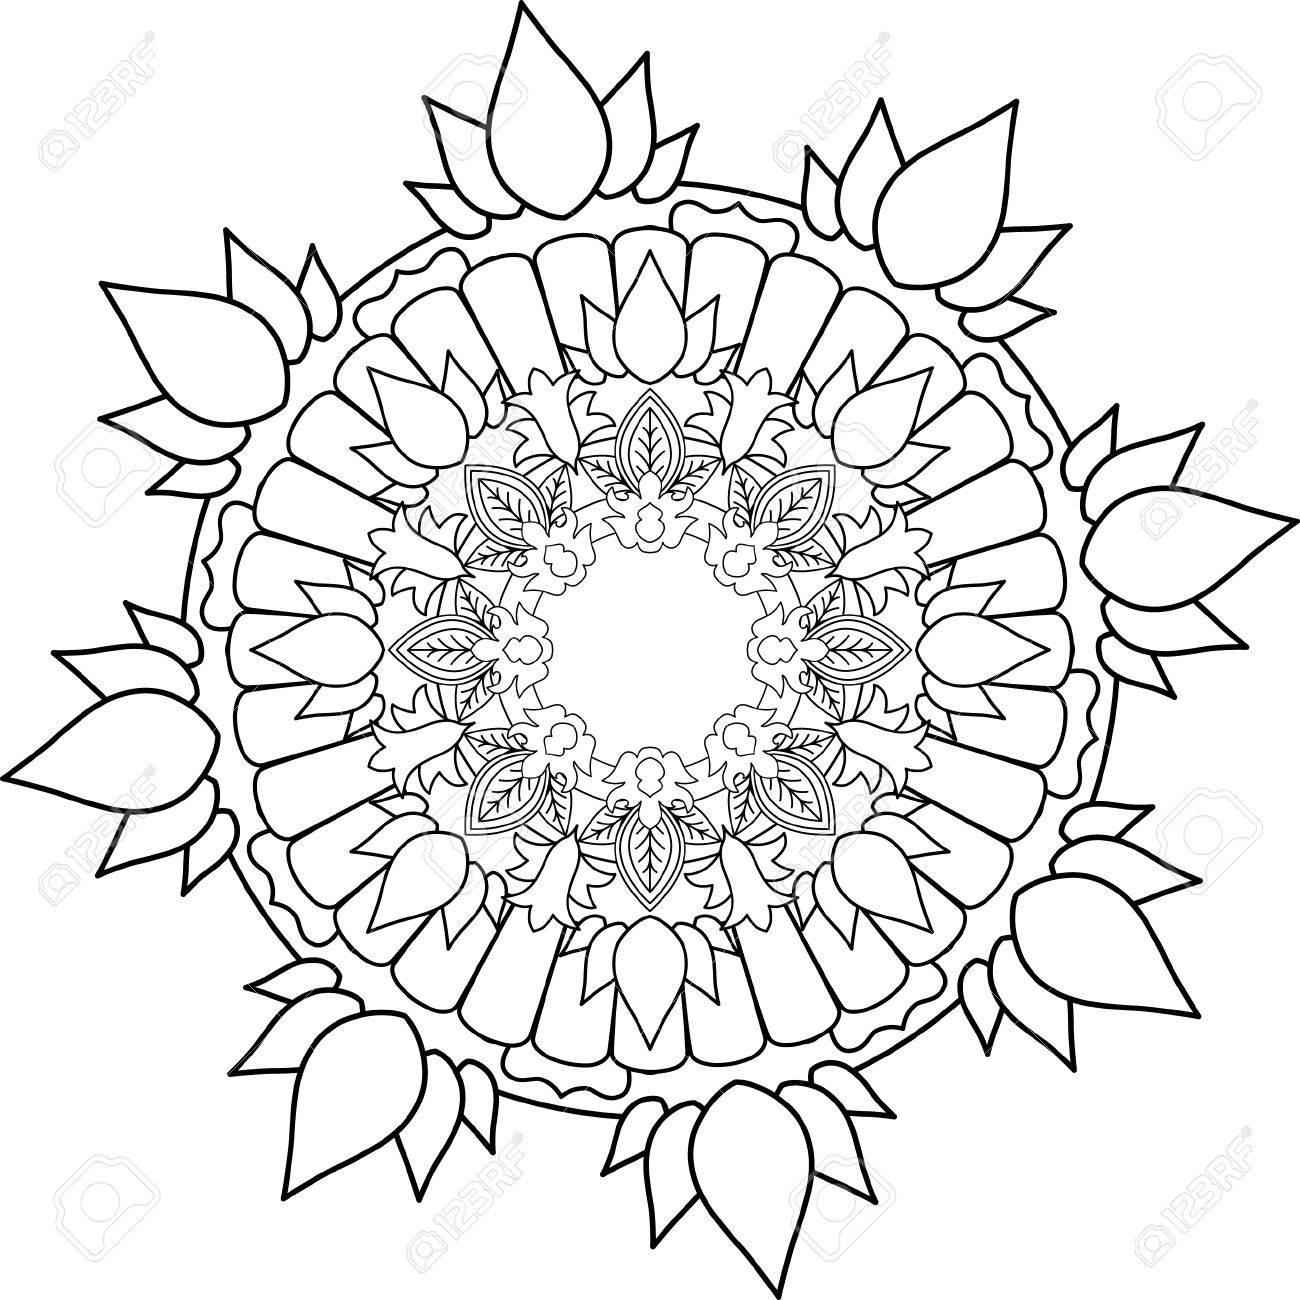 Adorno Mandala Dibujo Con Líneas Para Colorear Sobre Fondo Blanco Formas Y Geometrías De Flores Como Patrones Y Papel Tapiz